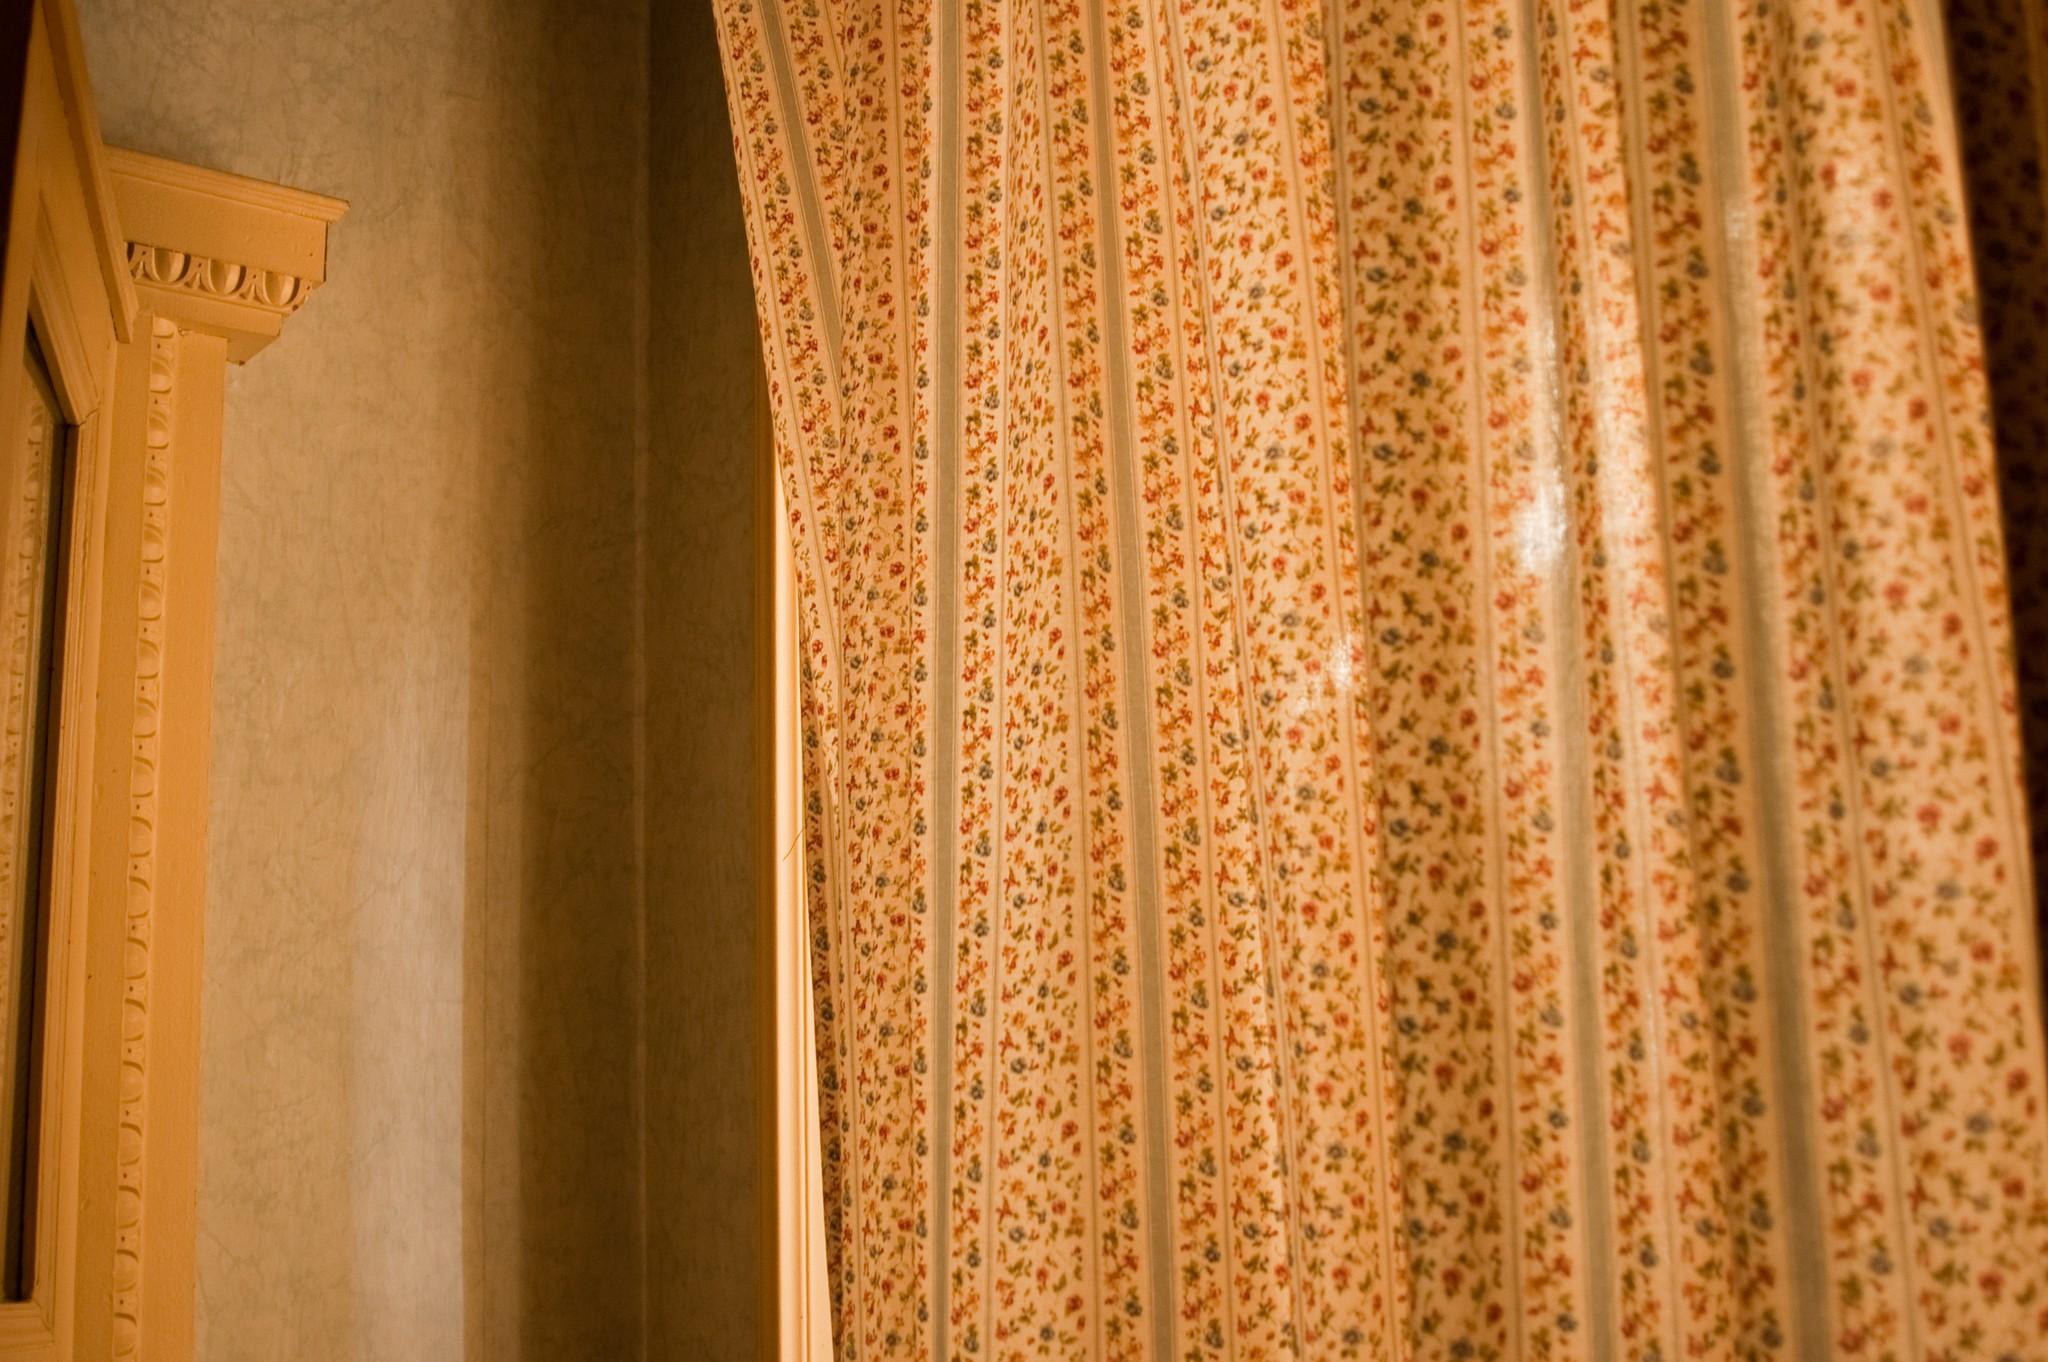 Hotel Ai Savoia, Turin, April 2010